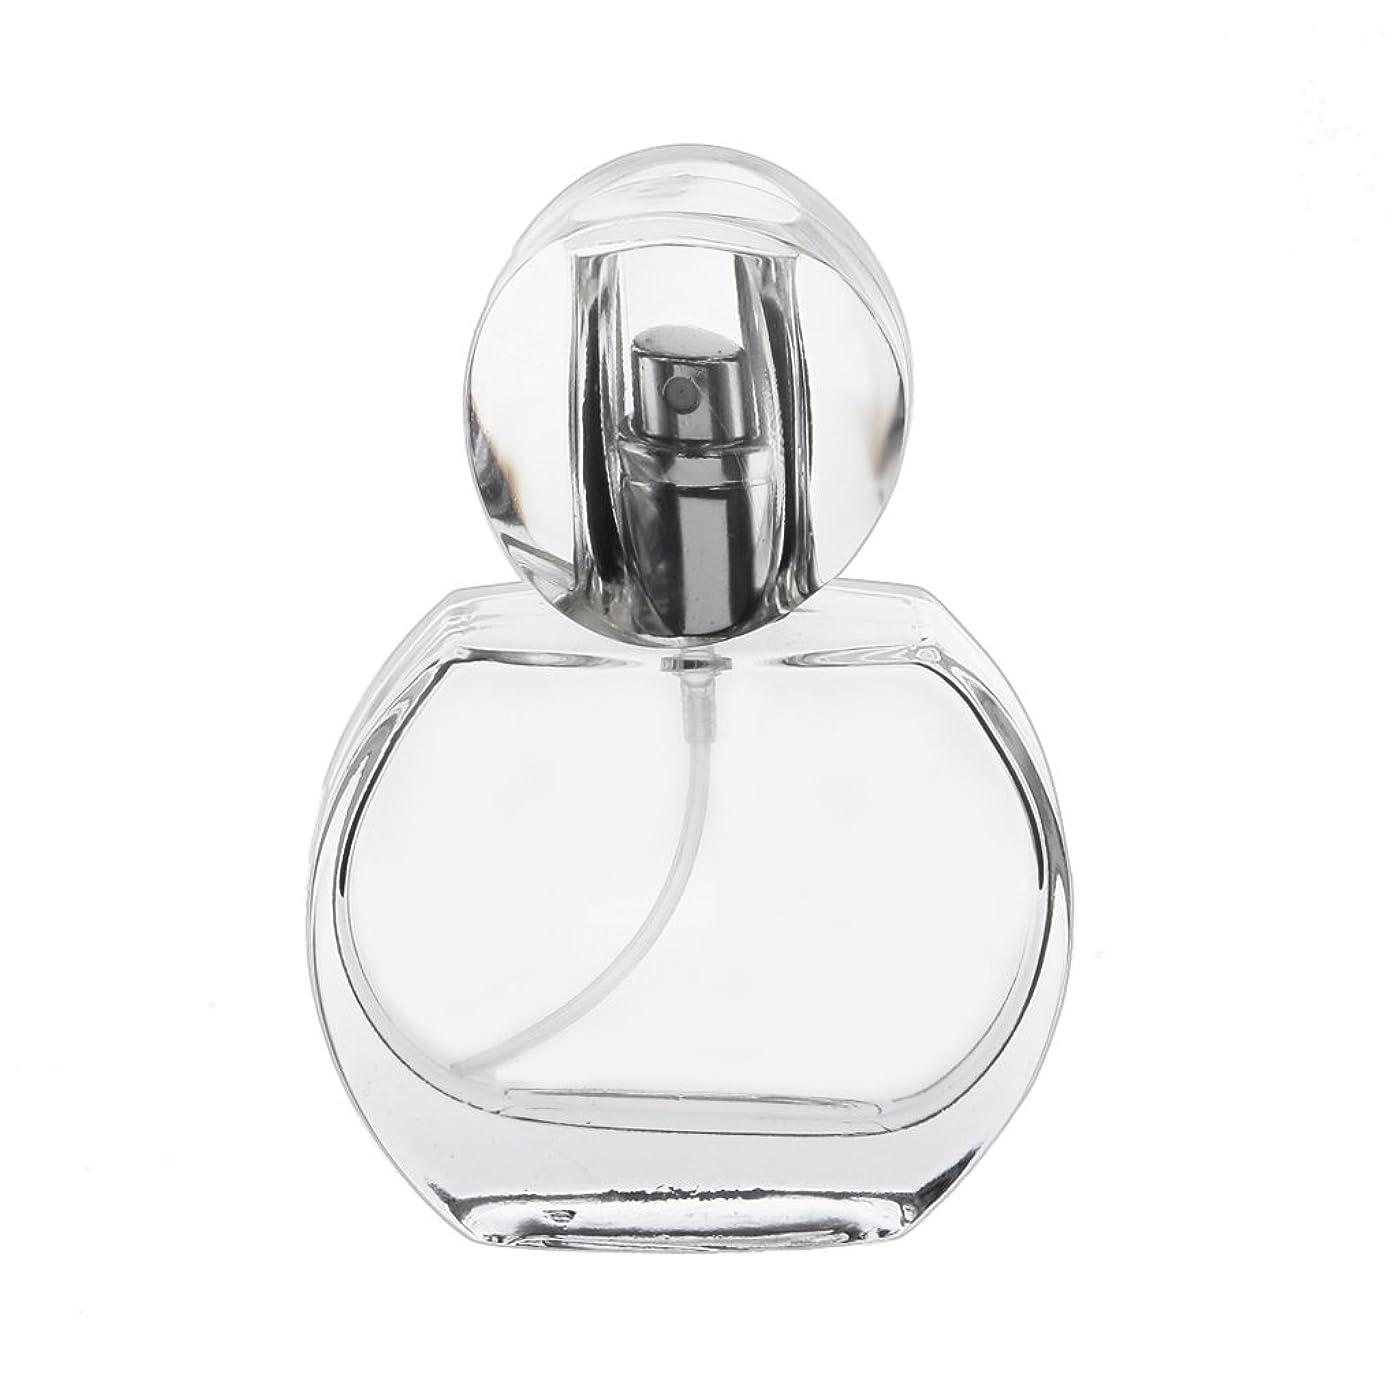 小道具恐ろしい恵みSONONIA  30ml クリスタル エンプティ 空 香水瓶 スプレーボトル アトマイザー 詰め替え 携帯便利